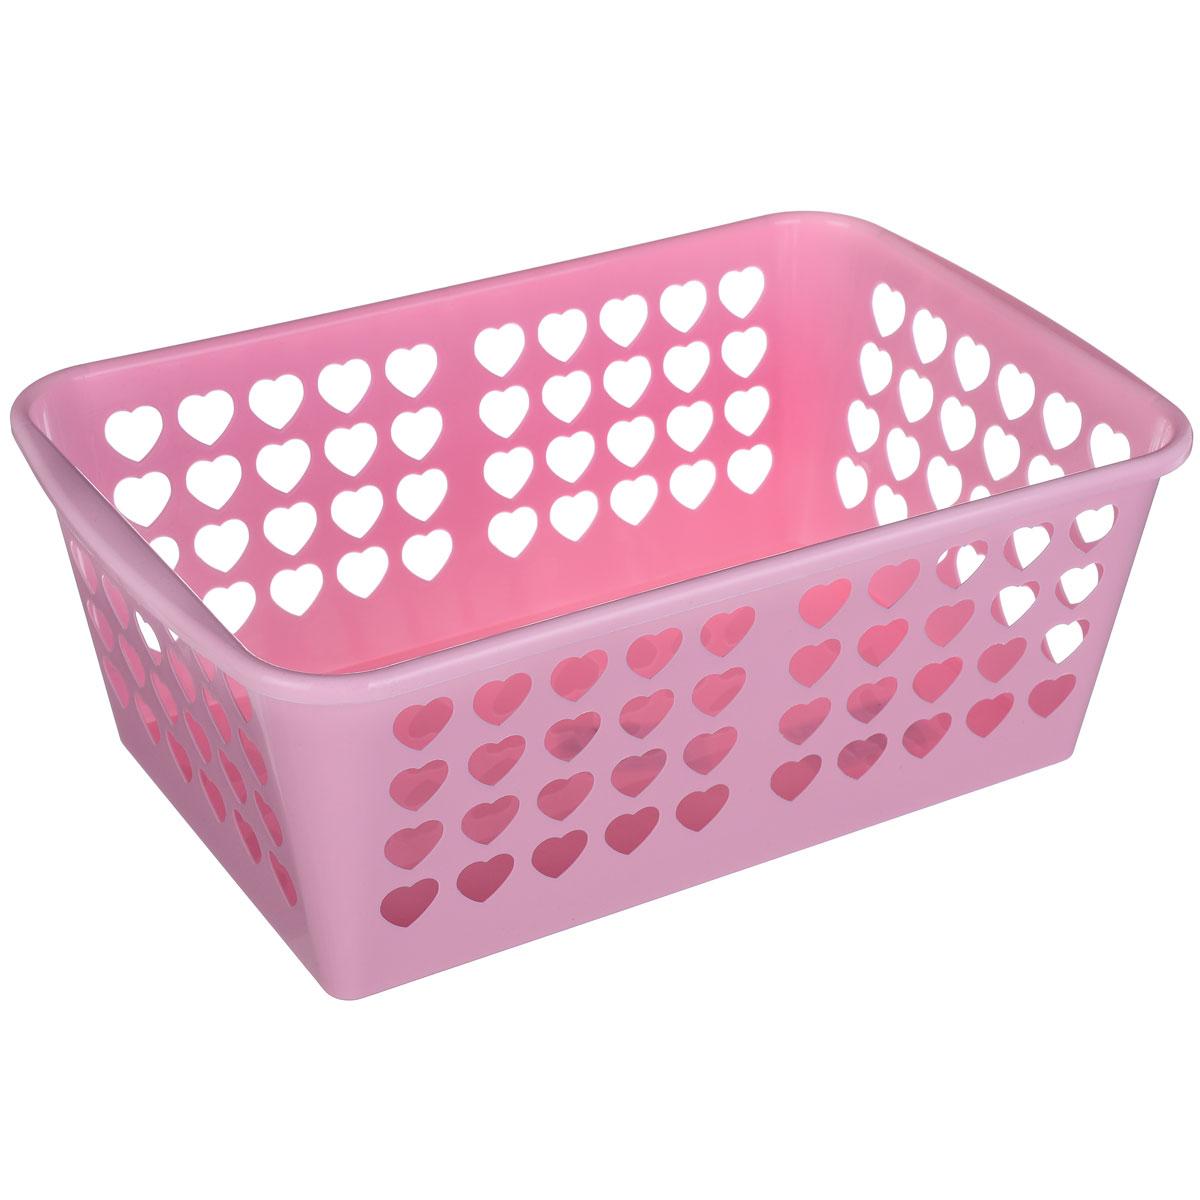 Корзина Альтернатива Вдохновение, цвет: розовый, 30 см х 20 см х 11,5 смМ529Корзина Альтернатива Вдохновение выполнена из пластика и оформлена перфорацией в виде сердечек. Изделие имеет сплошное дно и жесткую кромку. Корзина предназначена для хранения мелочей в ванной, на кухне, на даче или в гараже. Позволяет хранить мелкие вещи, исключая возможность их потери.